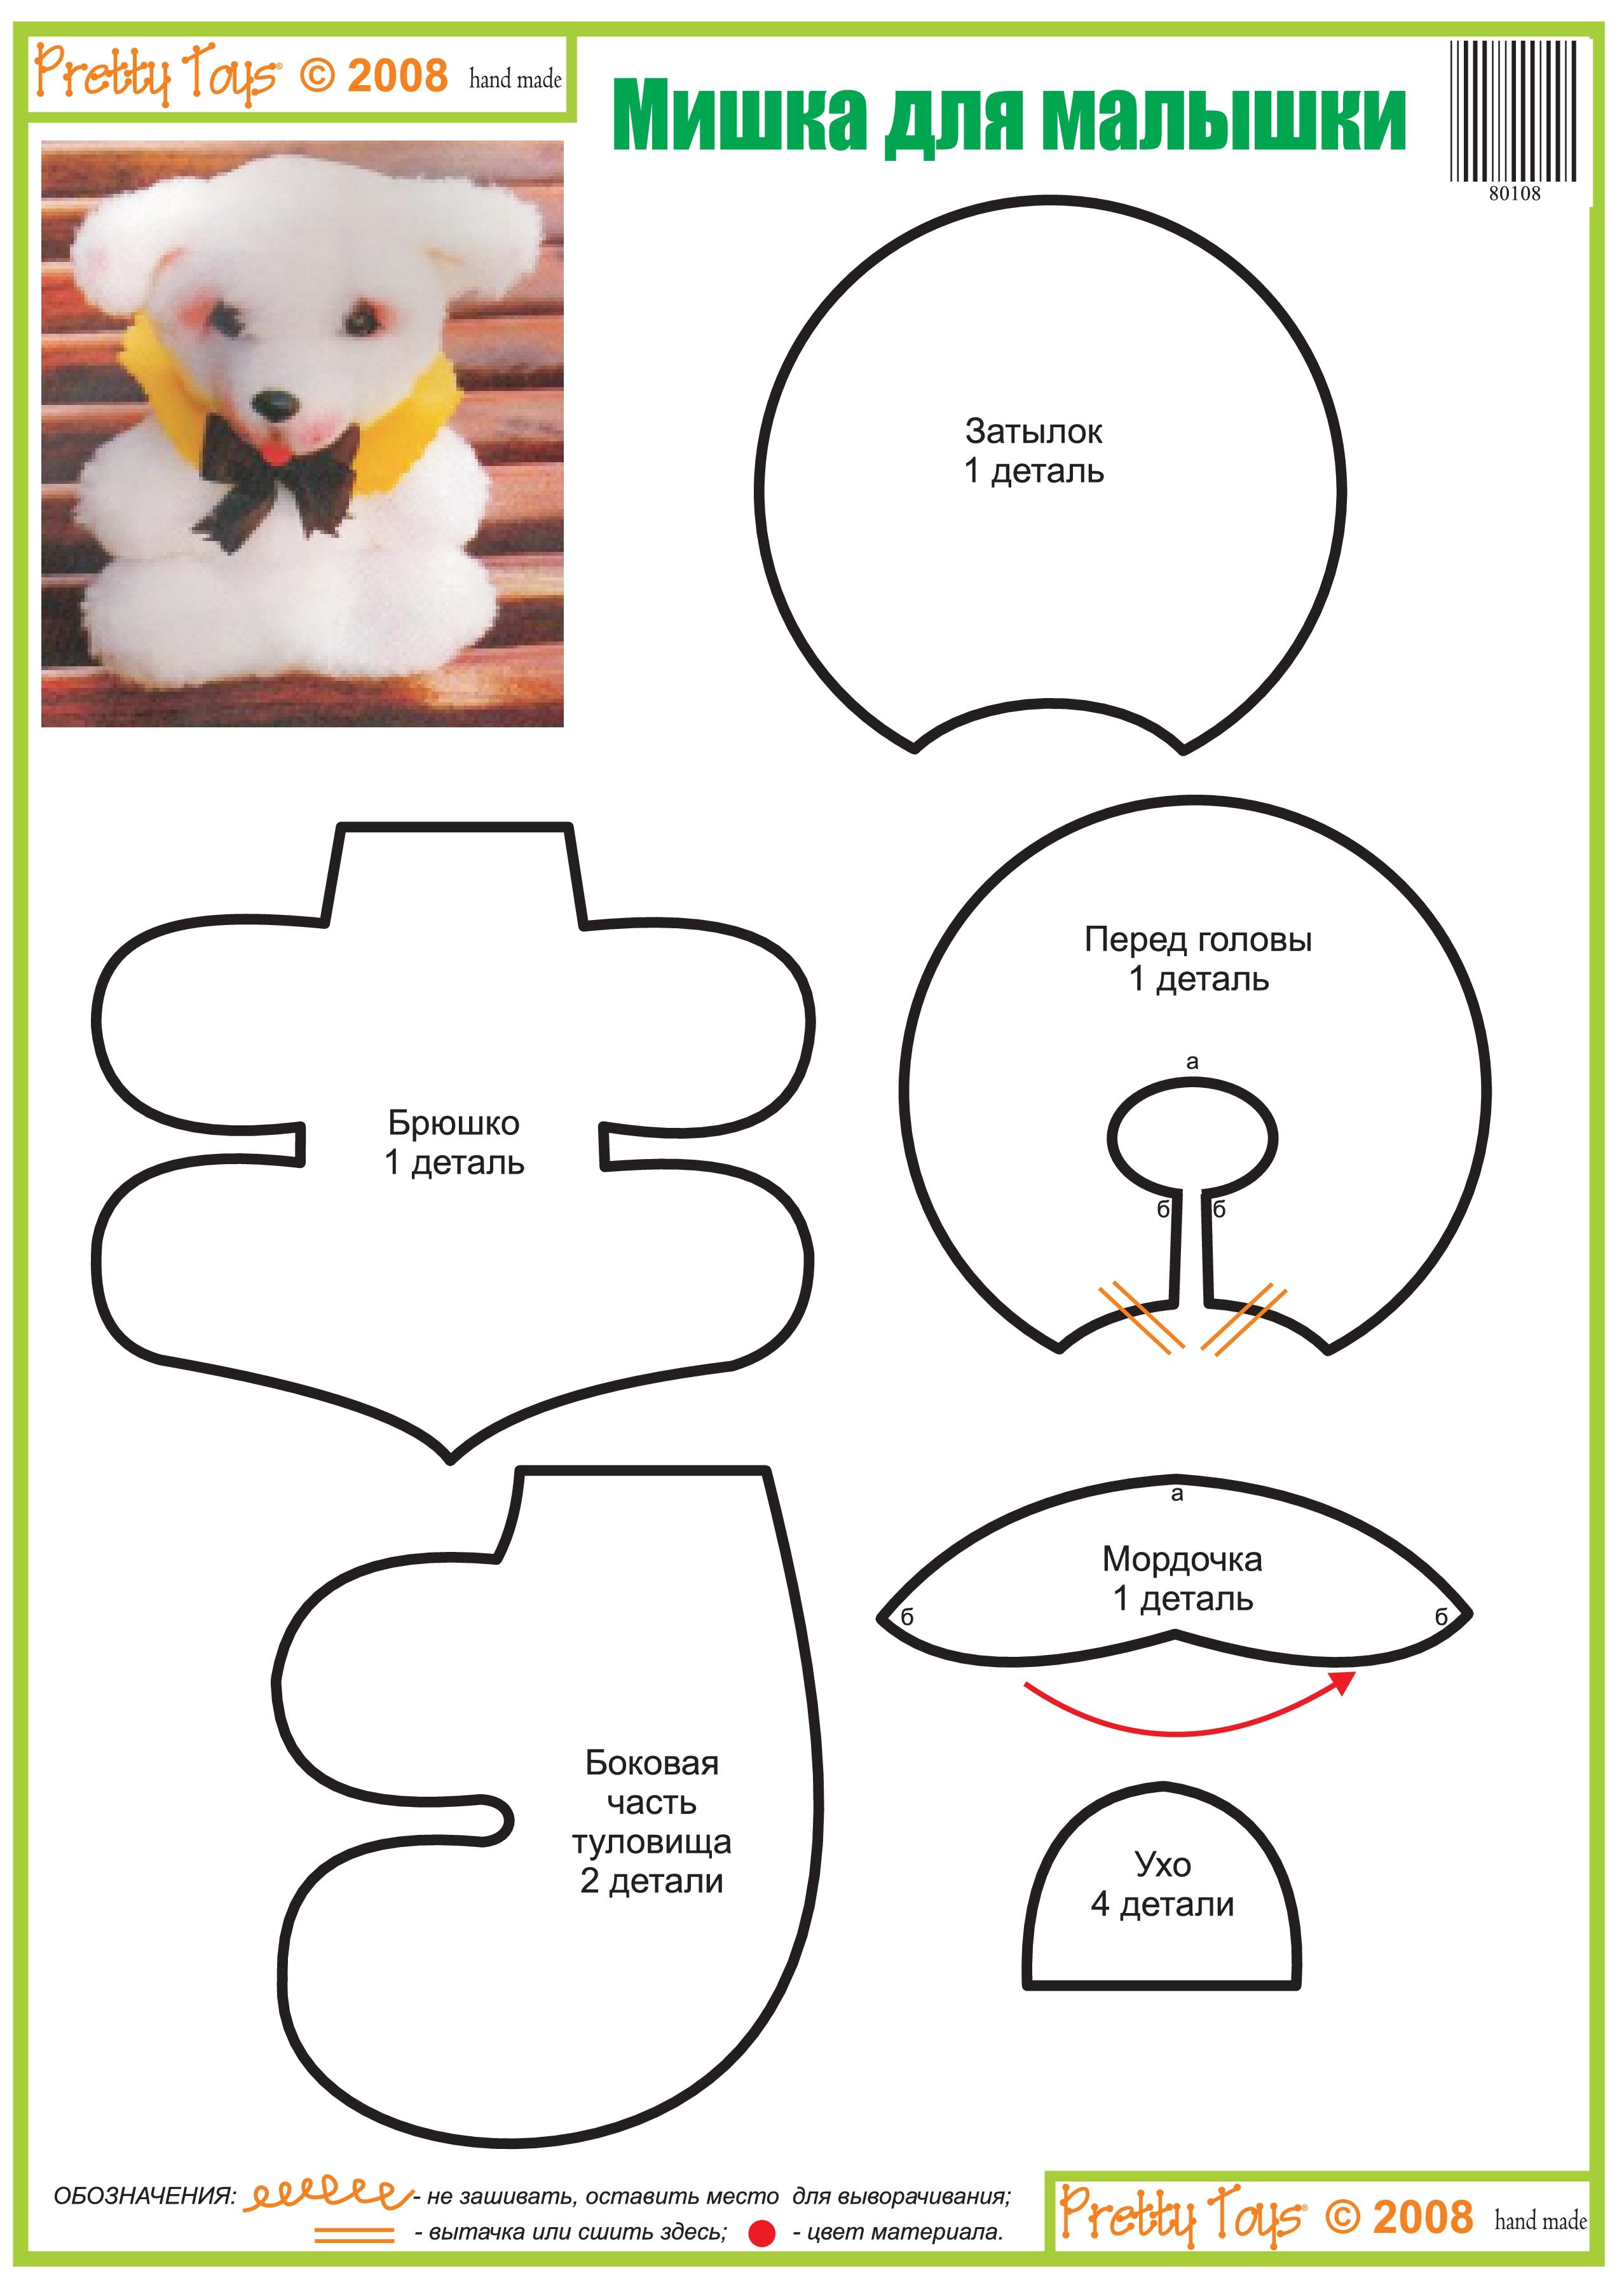 1000 выкроек игрушек - делаем своими руками: котики, зайчики, куклы 89